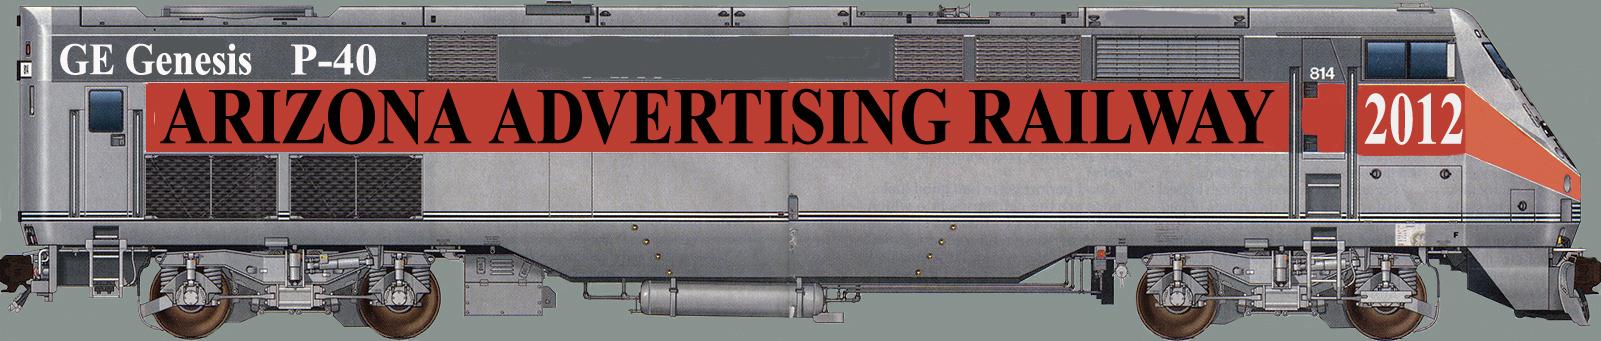 [ad steam]